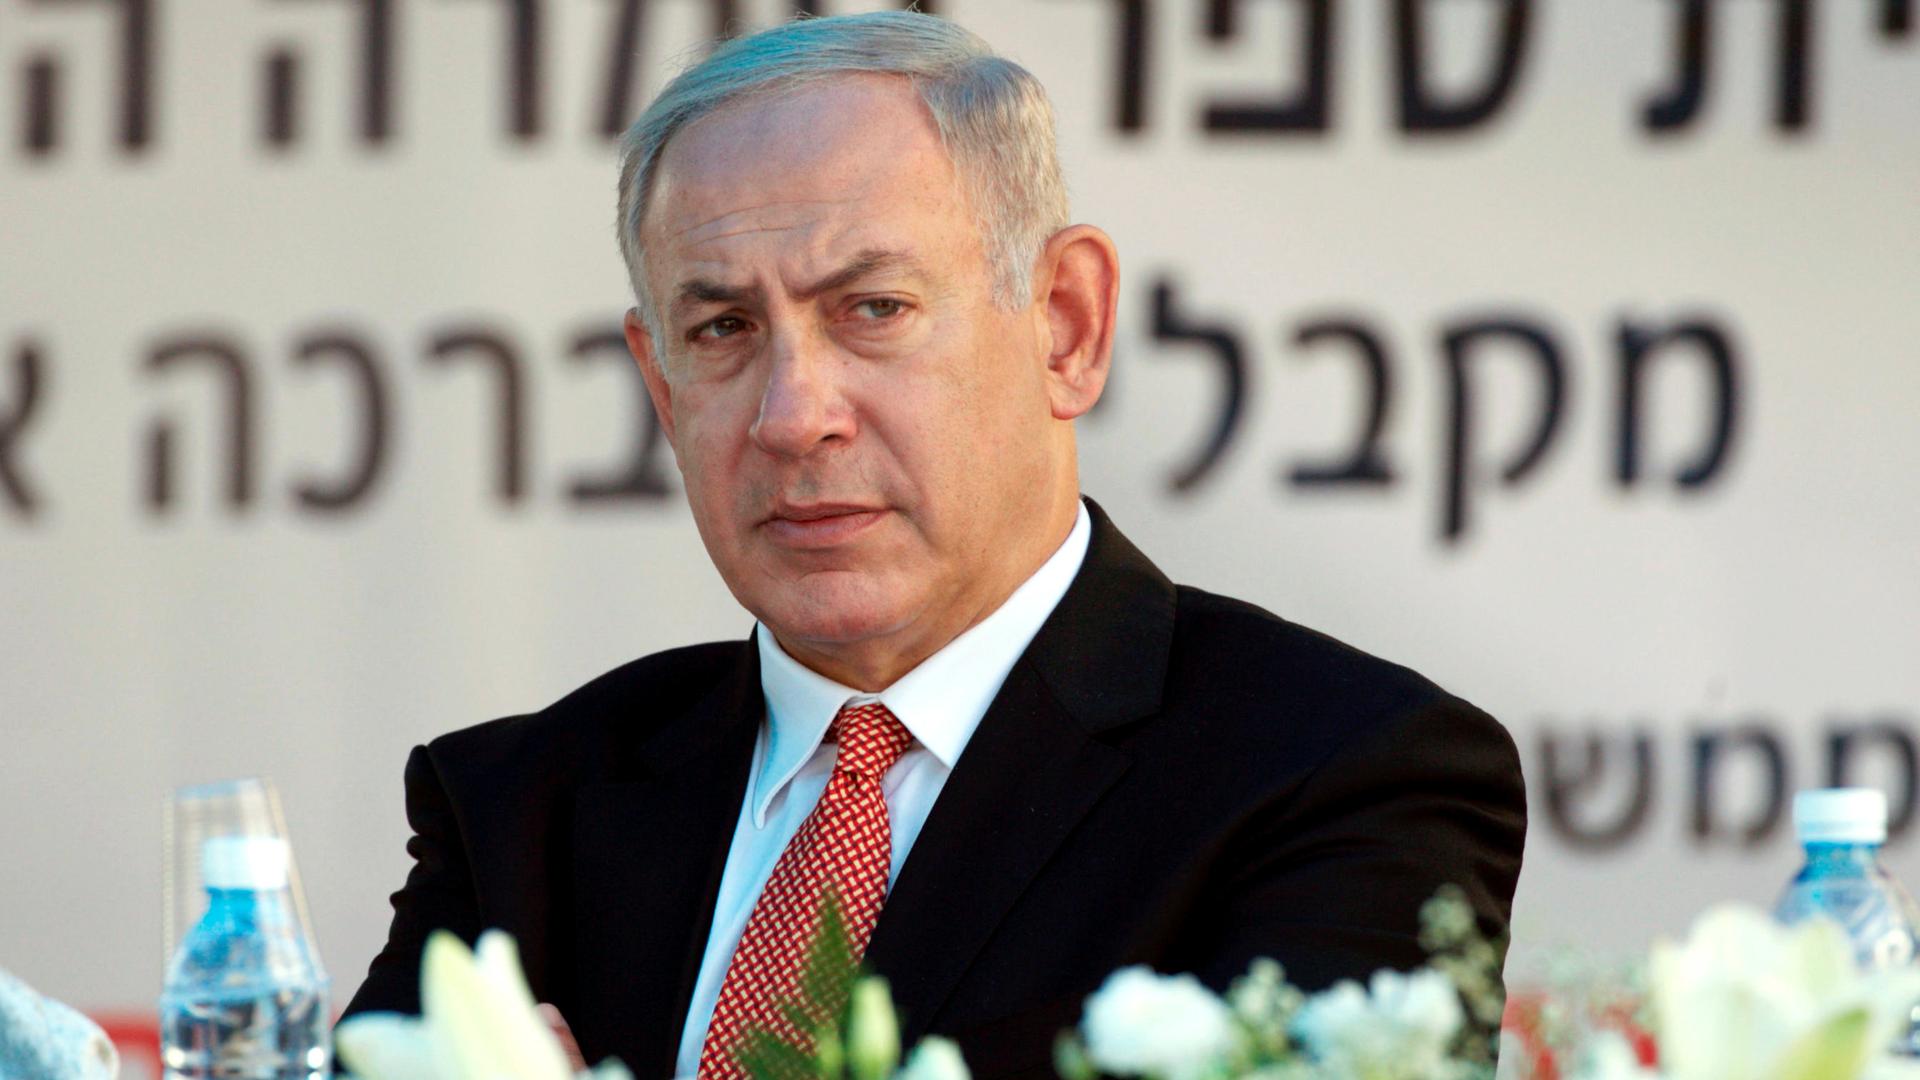 Израиль готов провести прямые переговоры с Палестиной в Москве без предварительных условий